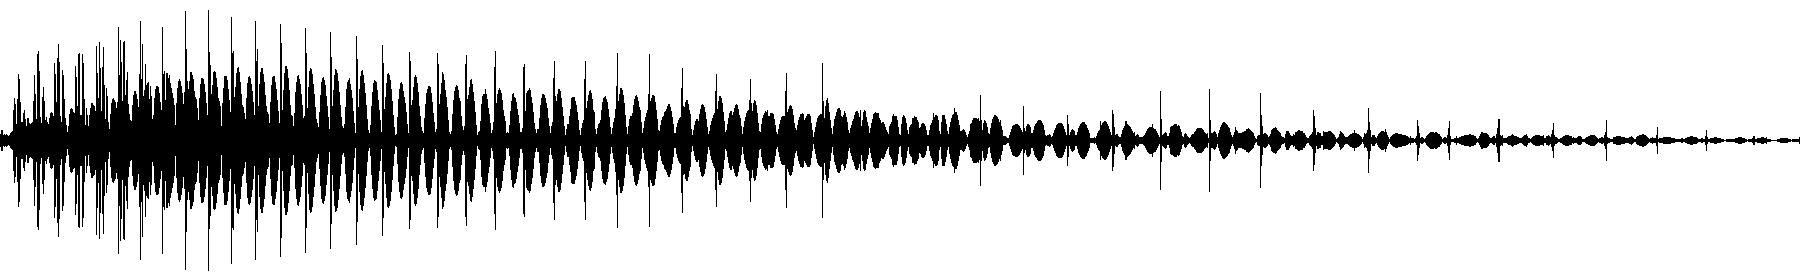 sound 8